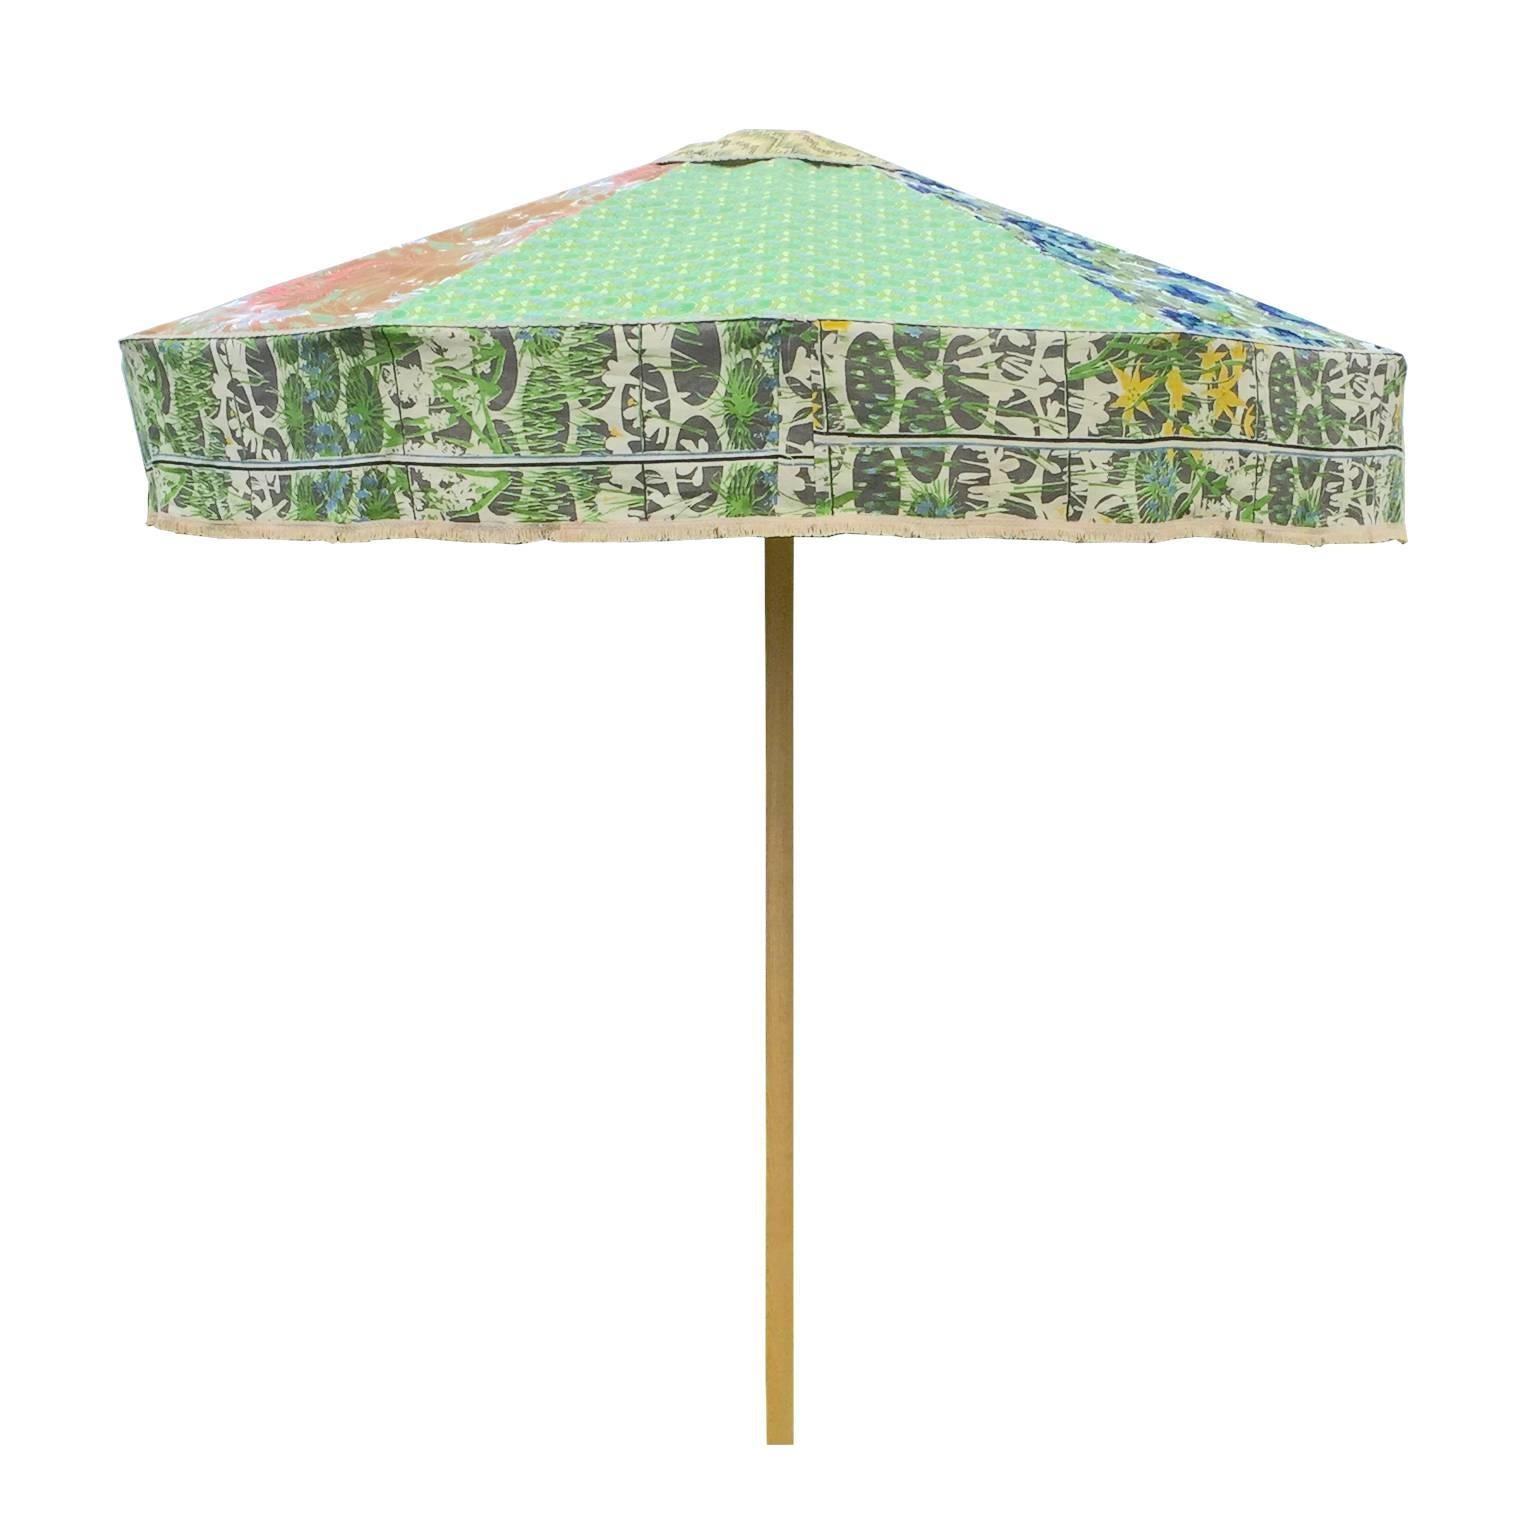 Designer Sun Umbrella Patio Parasol In Floral Geometric